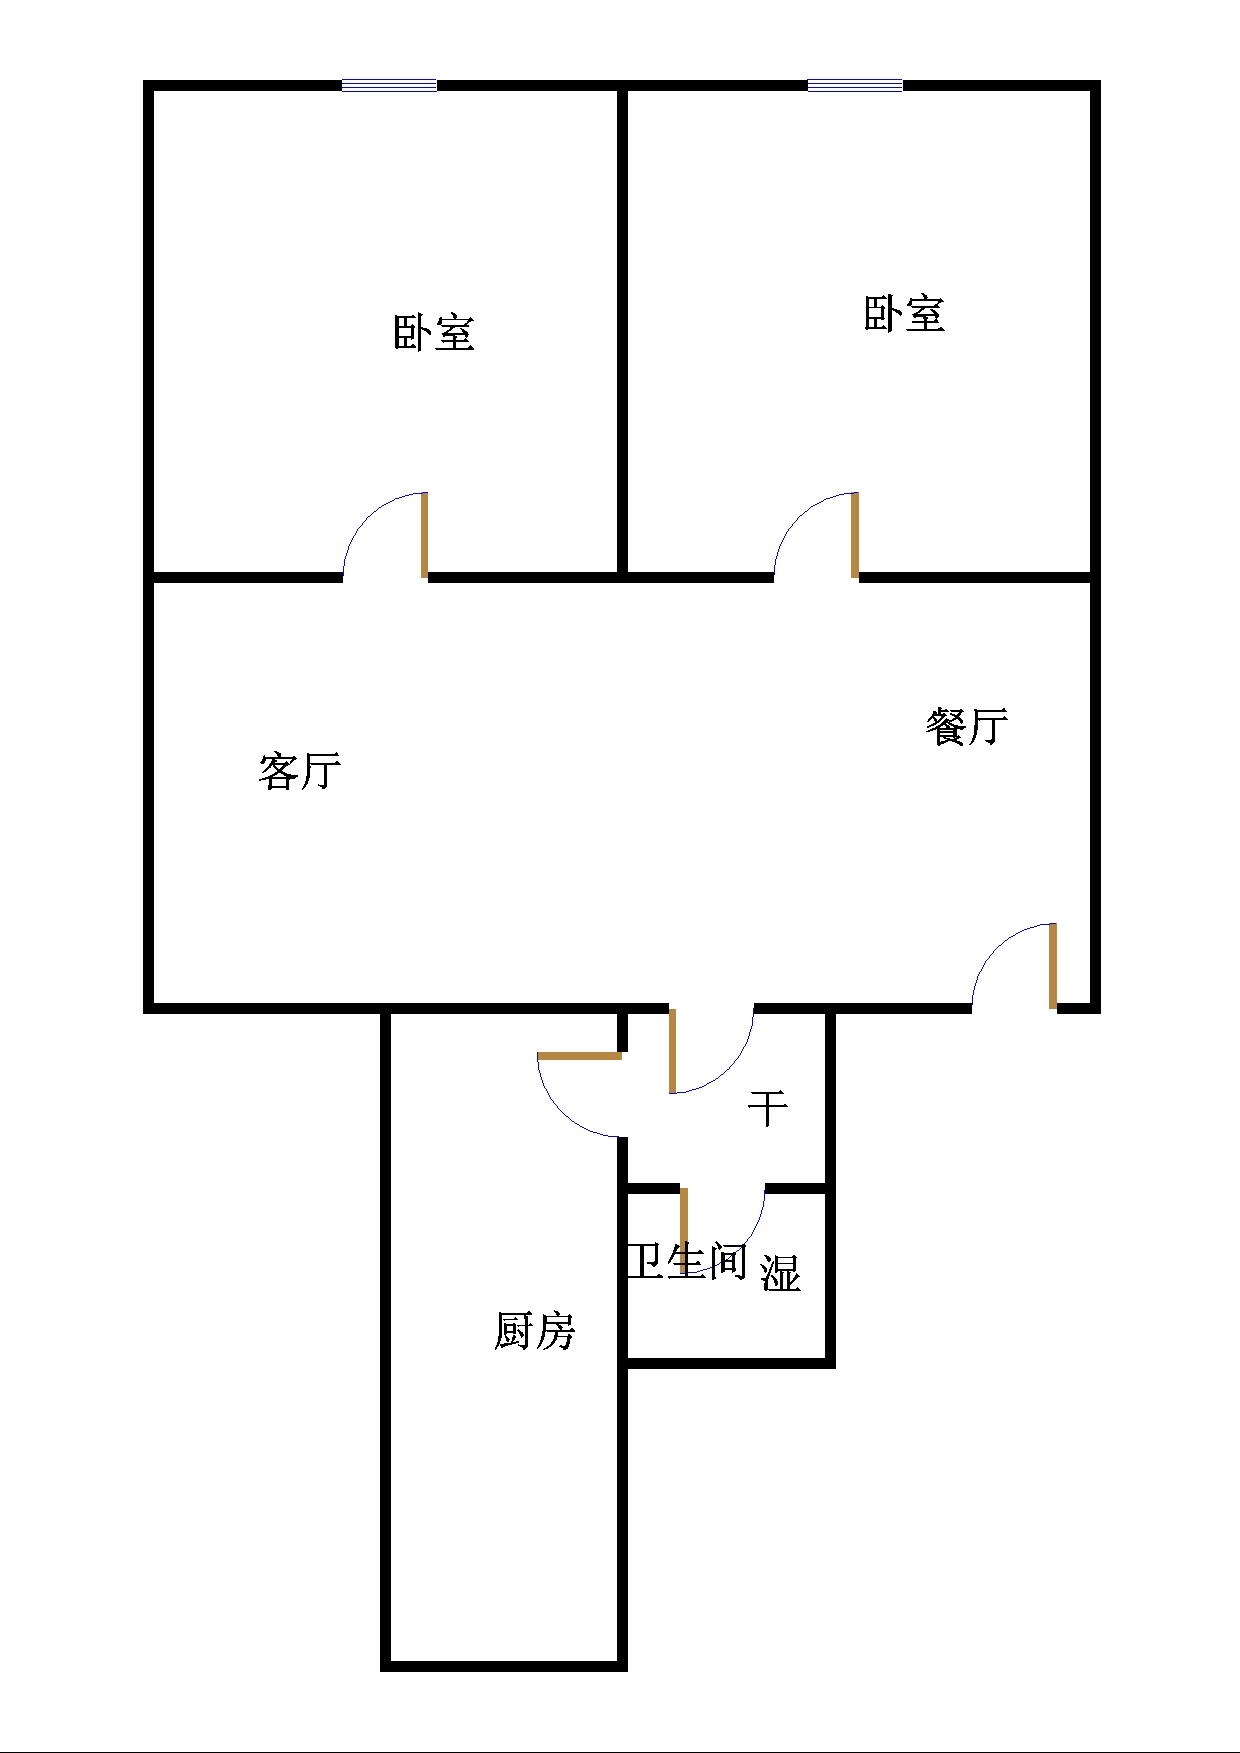 湘江小区西区 2室2厅 双证齐全 简装 83万